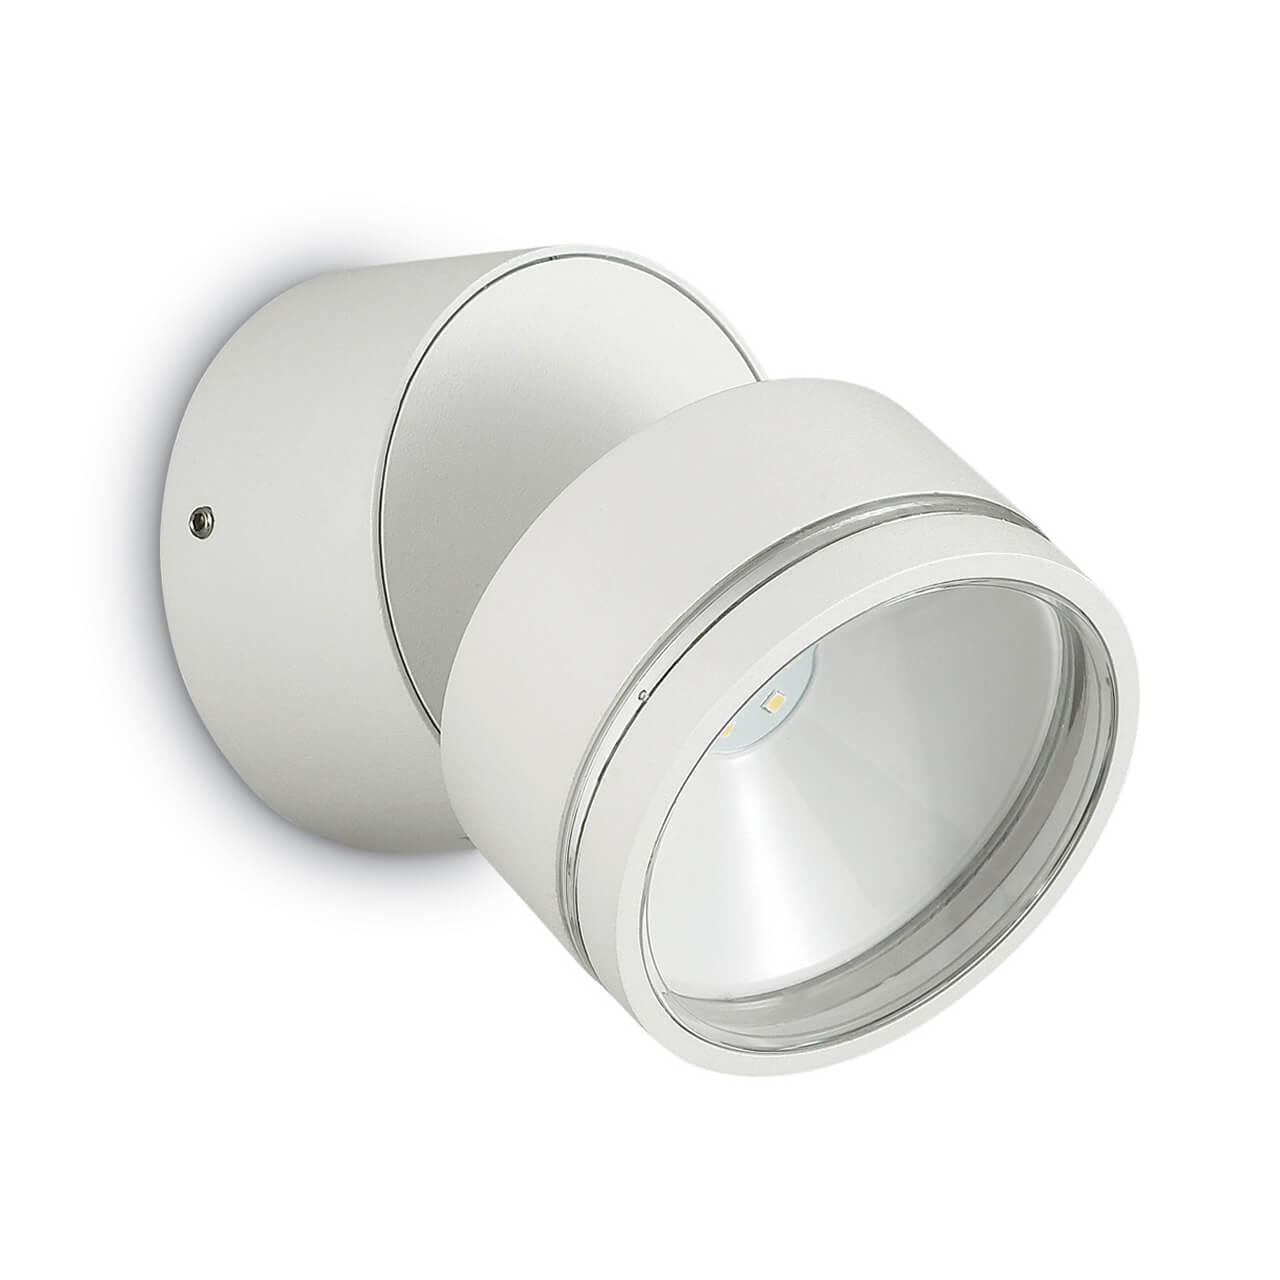 Уличный настенный светодиодный светильник Ideal Lux Omega Round AP1 Bianco цена